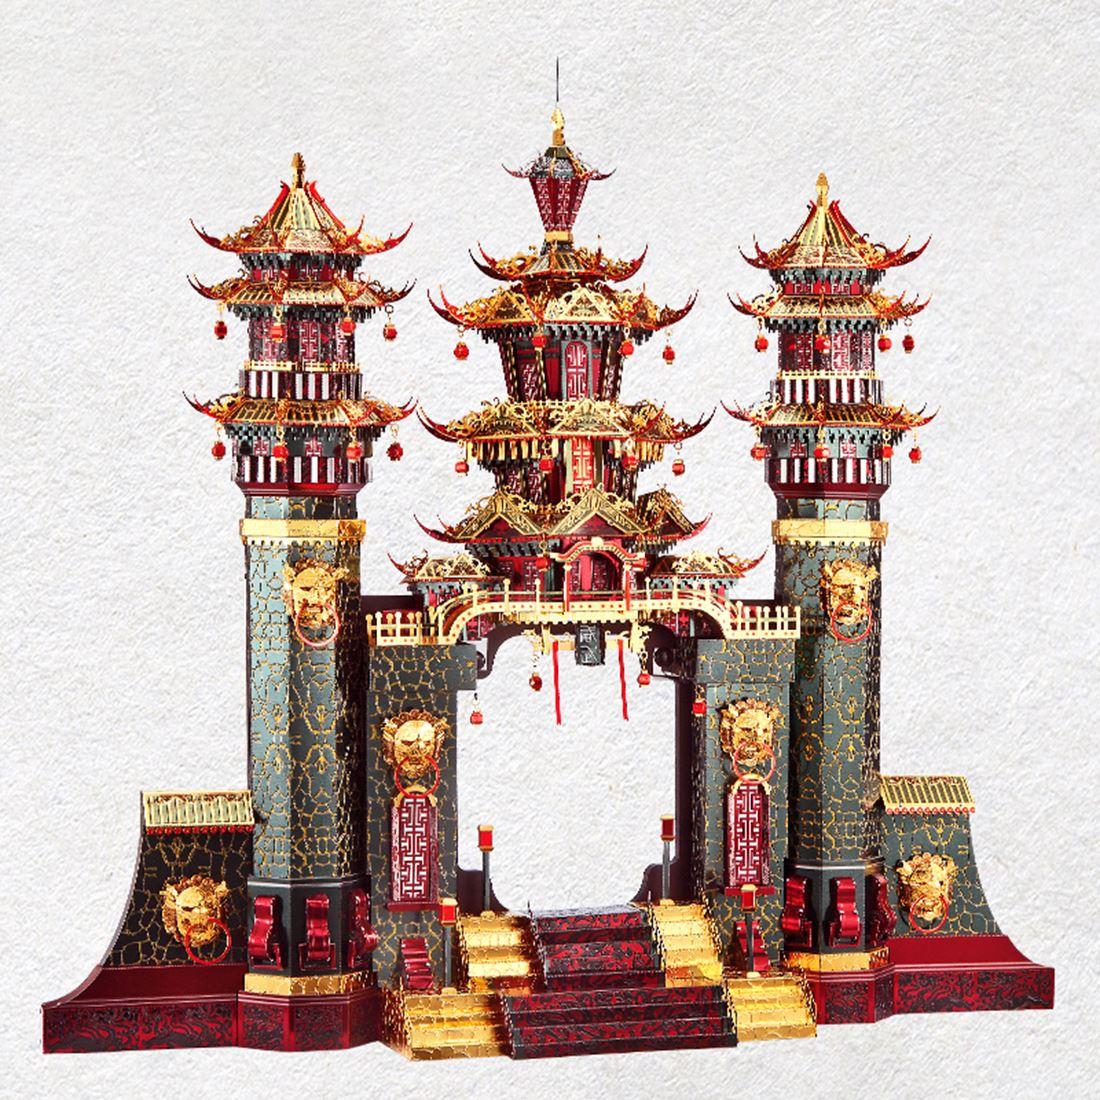 Архитектурная серия Южные ворота , модель, наборы, сделай сам, 3D металлические пазлы, сборная головоломка, игрушка, модель, обучающая игрушка, подарок для детей и взрослых - 5